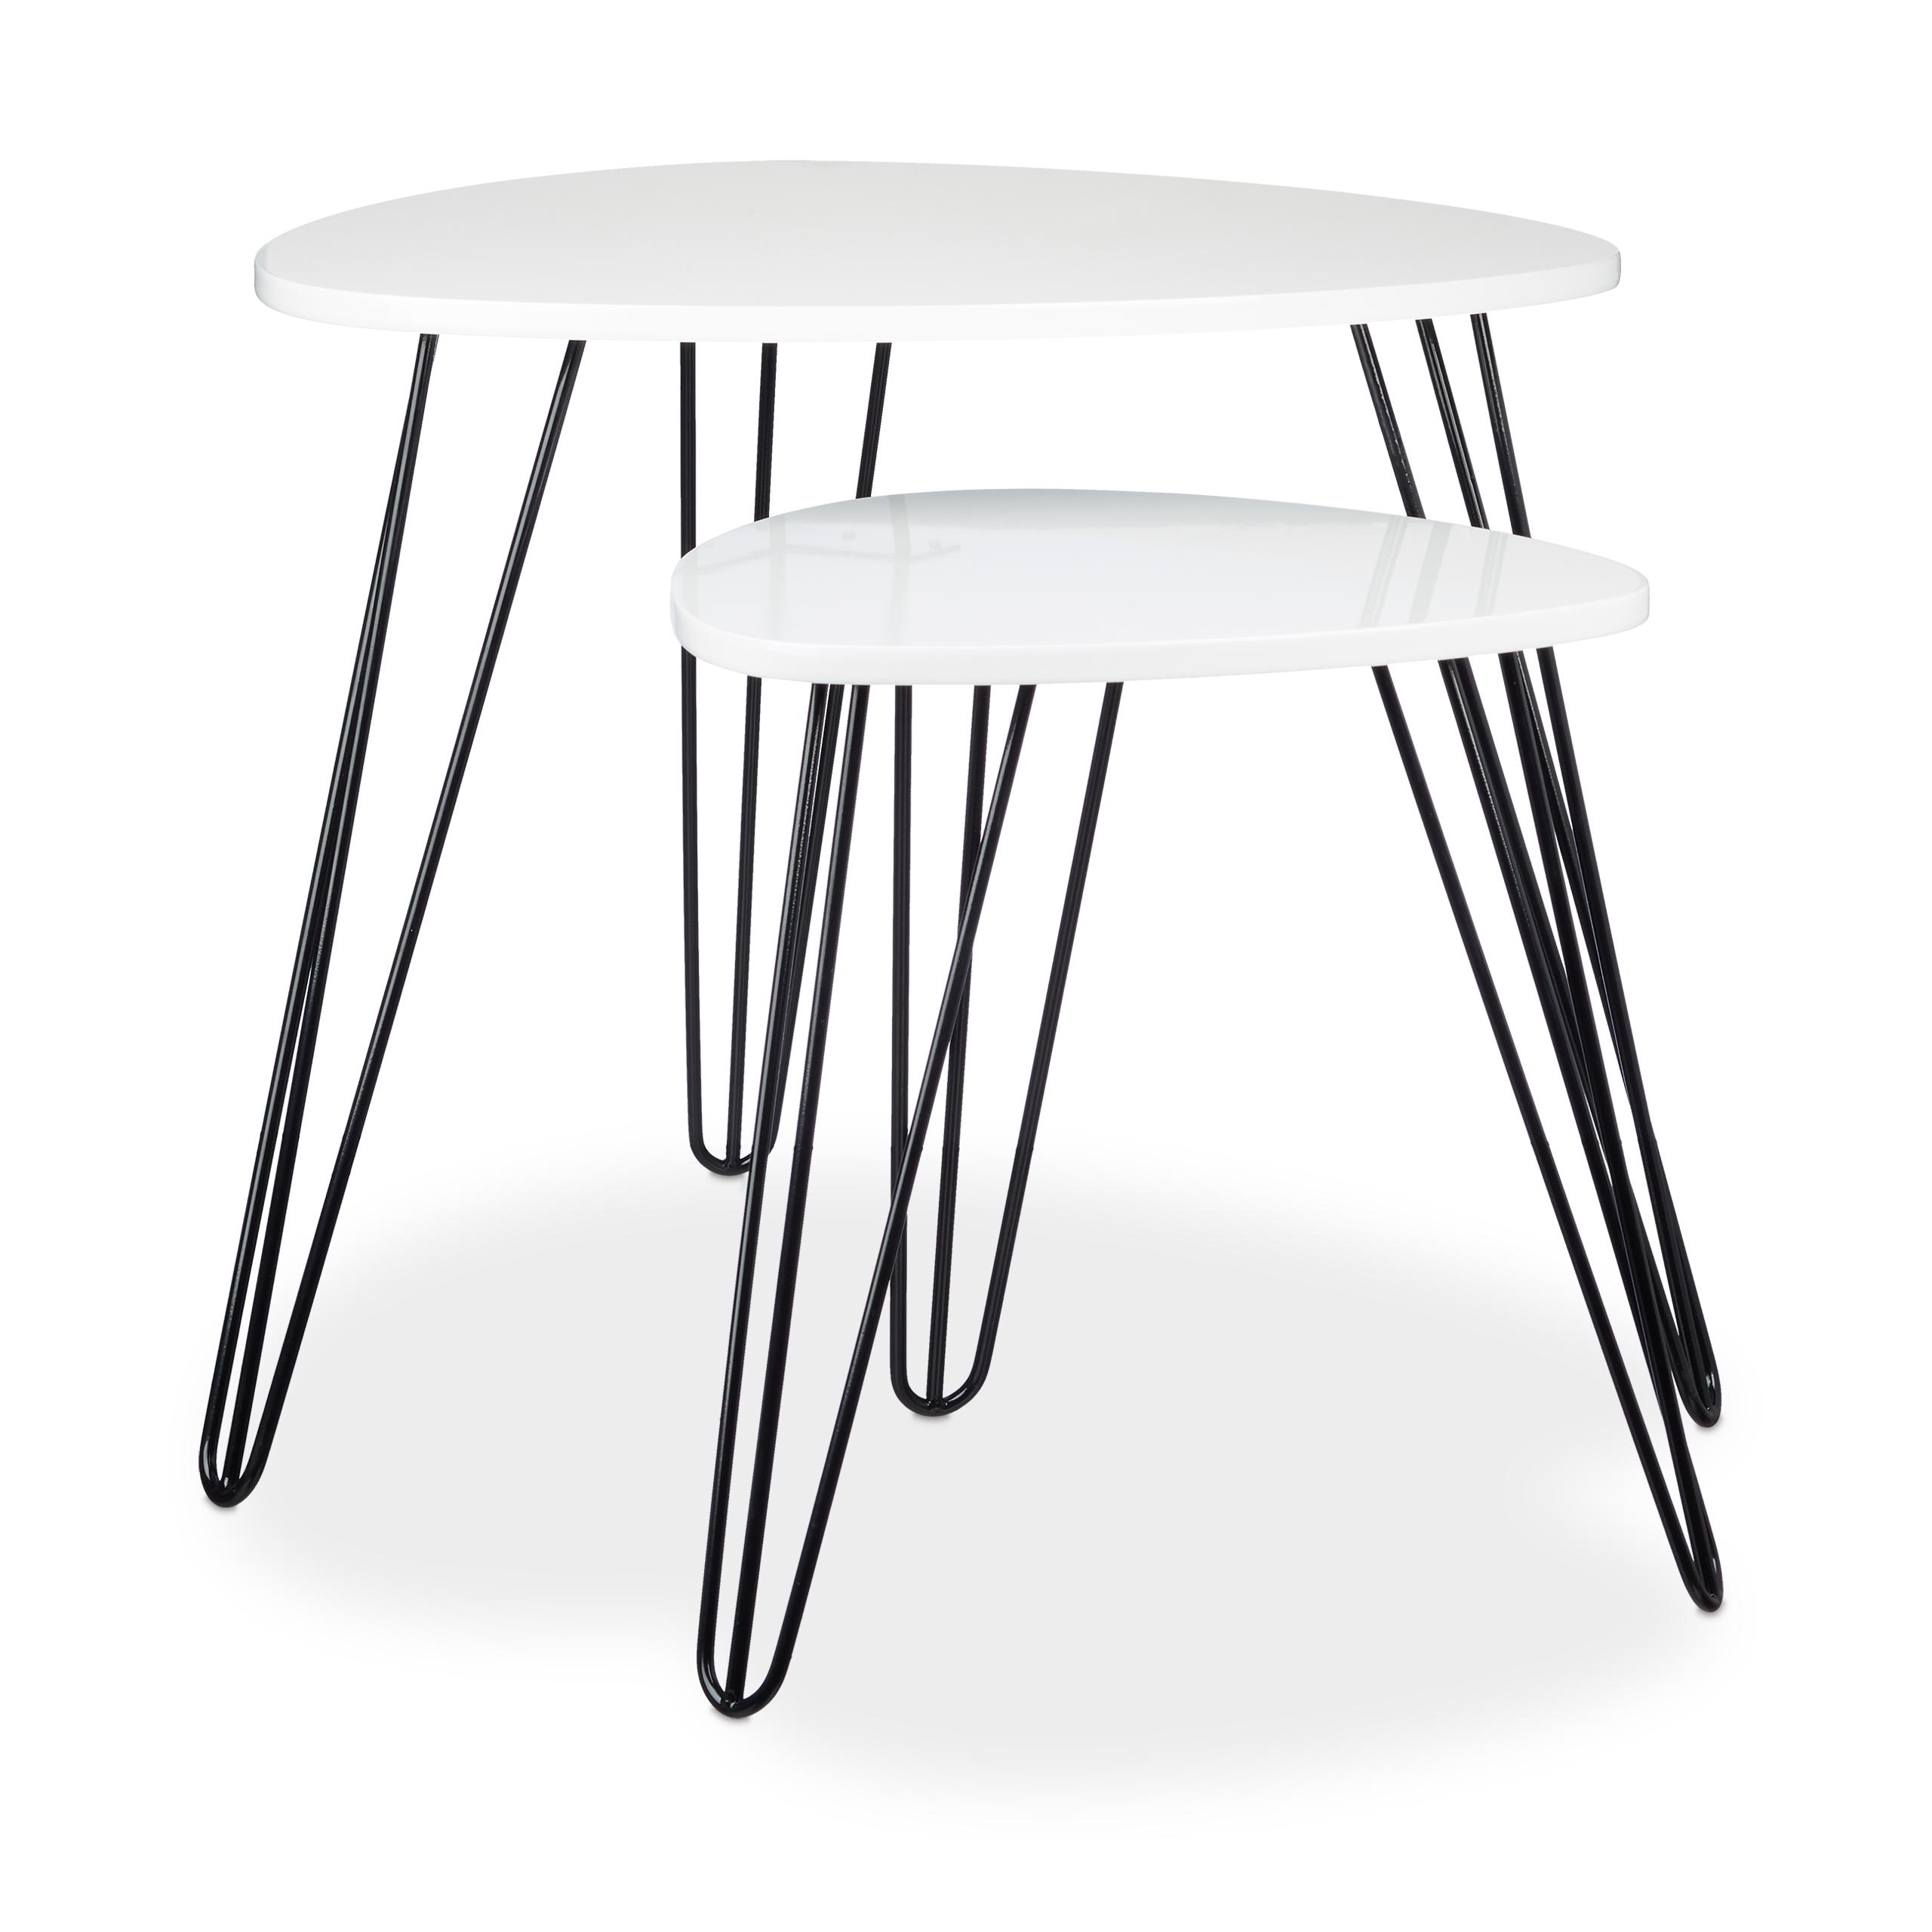 Beistelltisch-weiss-2er-Set-Holz-amp-Metall-glaenzend-lackiert-Sofatisch-Satztische